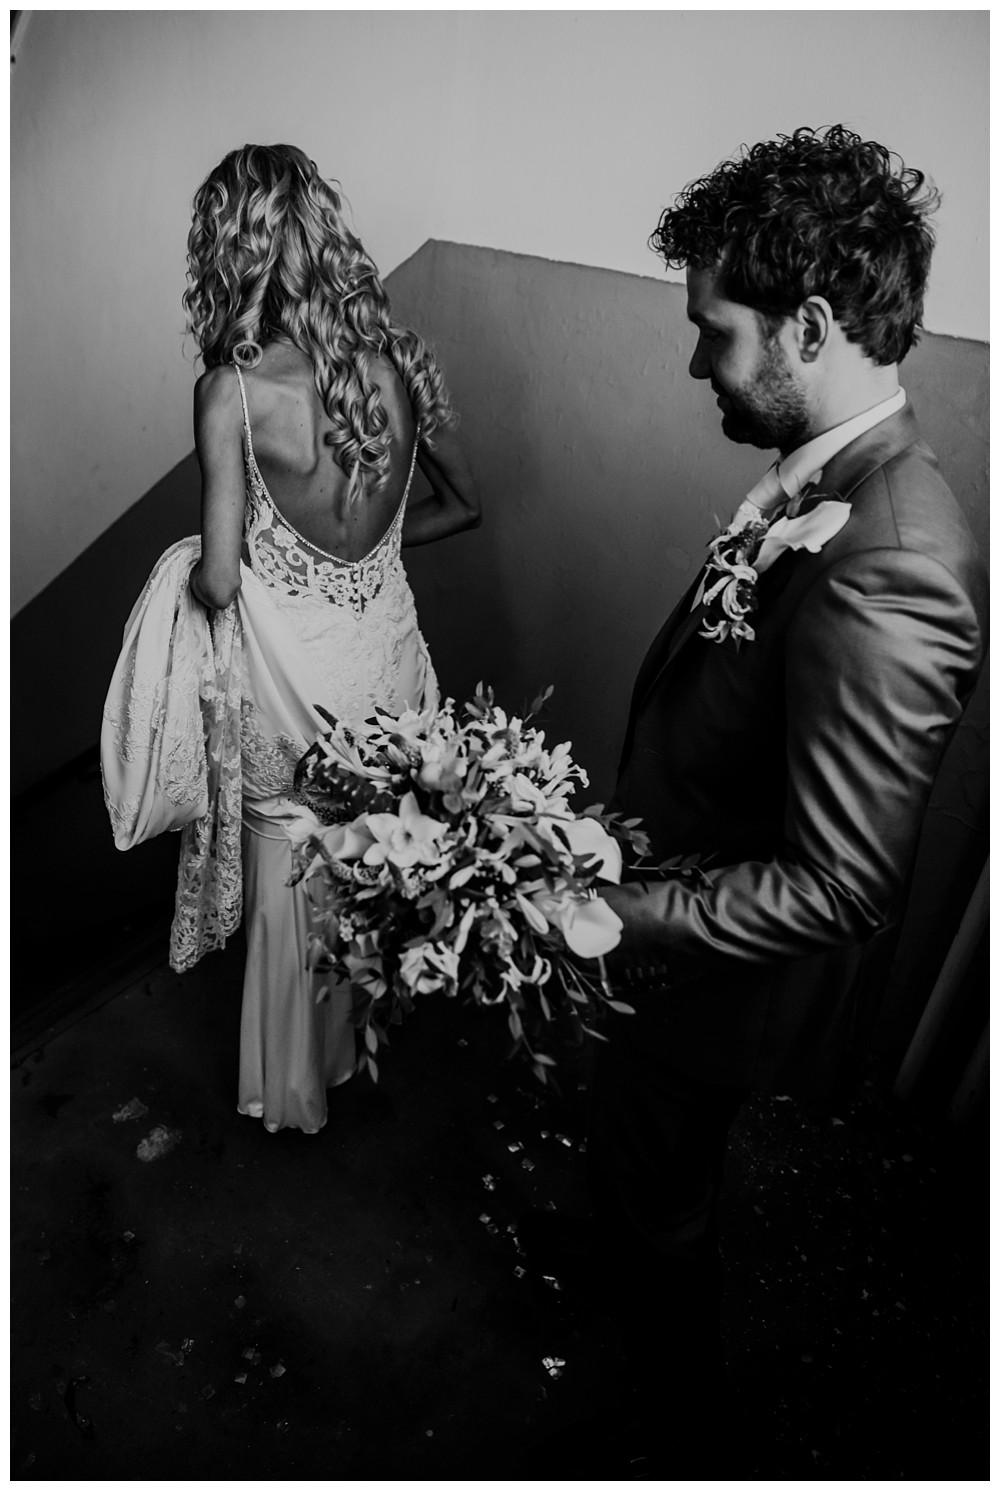 Oh-Belle_blog_Bruiloft_De-Vanenburg_Putten_Fotograaf-Putten_0046 Bruiloft De Vanenburg Putten